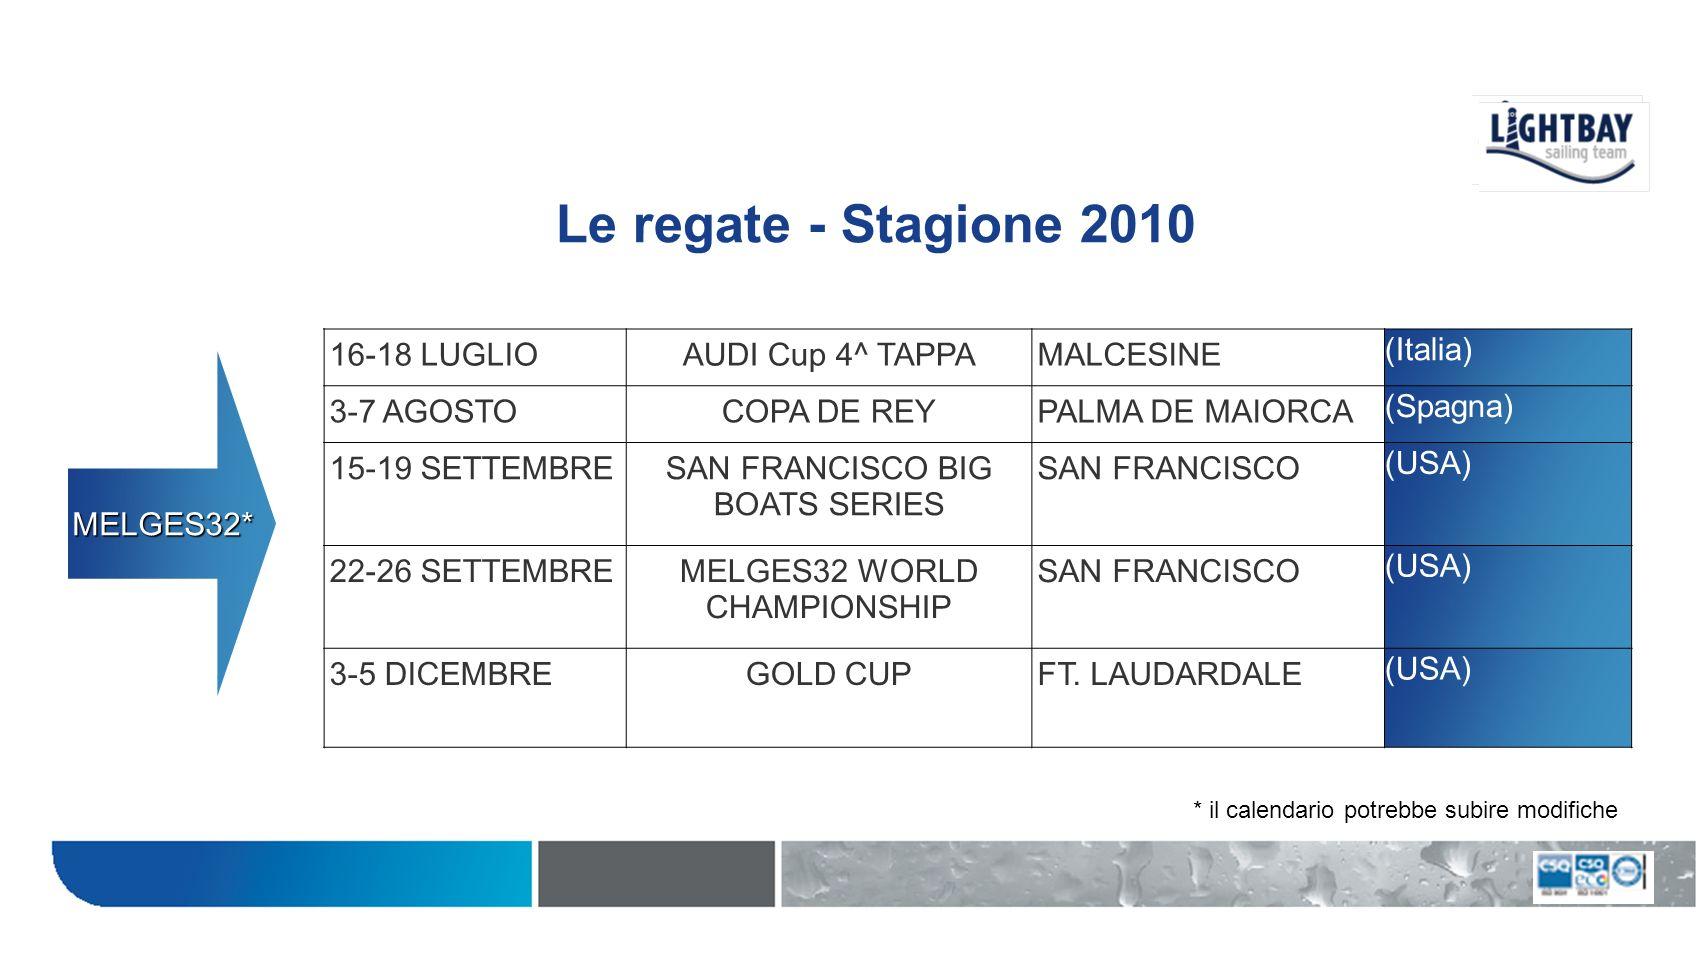 Le regate - Stagione 2010 16-18 LUGLIOAUDI Cup 4^ TAPPAMALCESINE (Italia) 3-7 AGOSTOCOPA DE REYPALMA DE MAIORCA (Spagna) 15-19 SETTEMBRESAN FRANCISCO